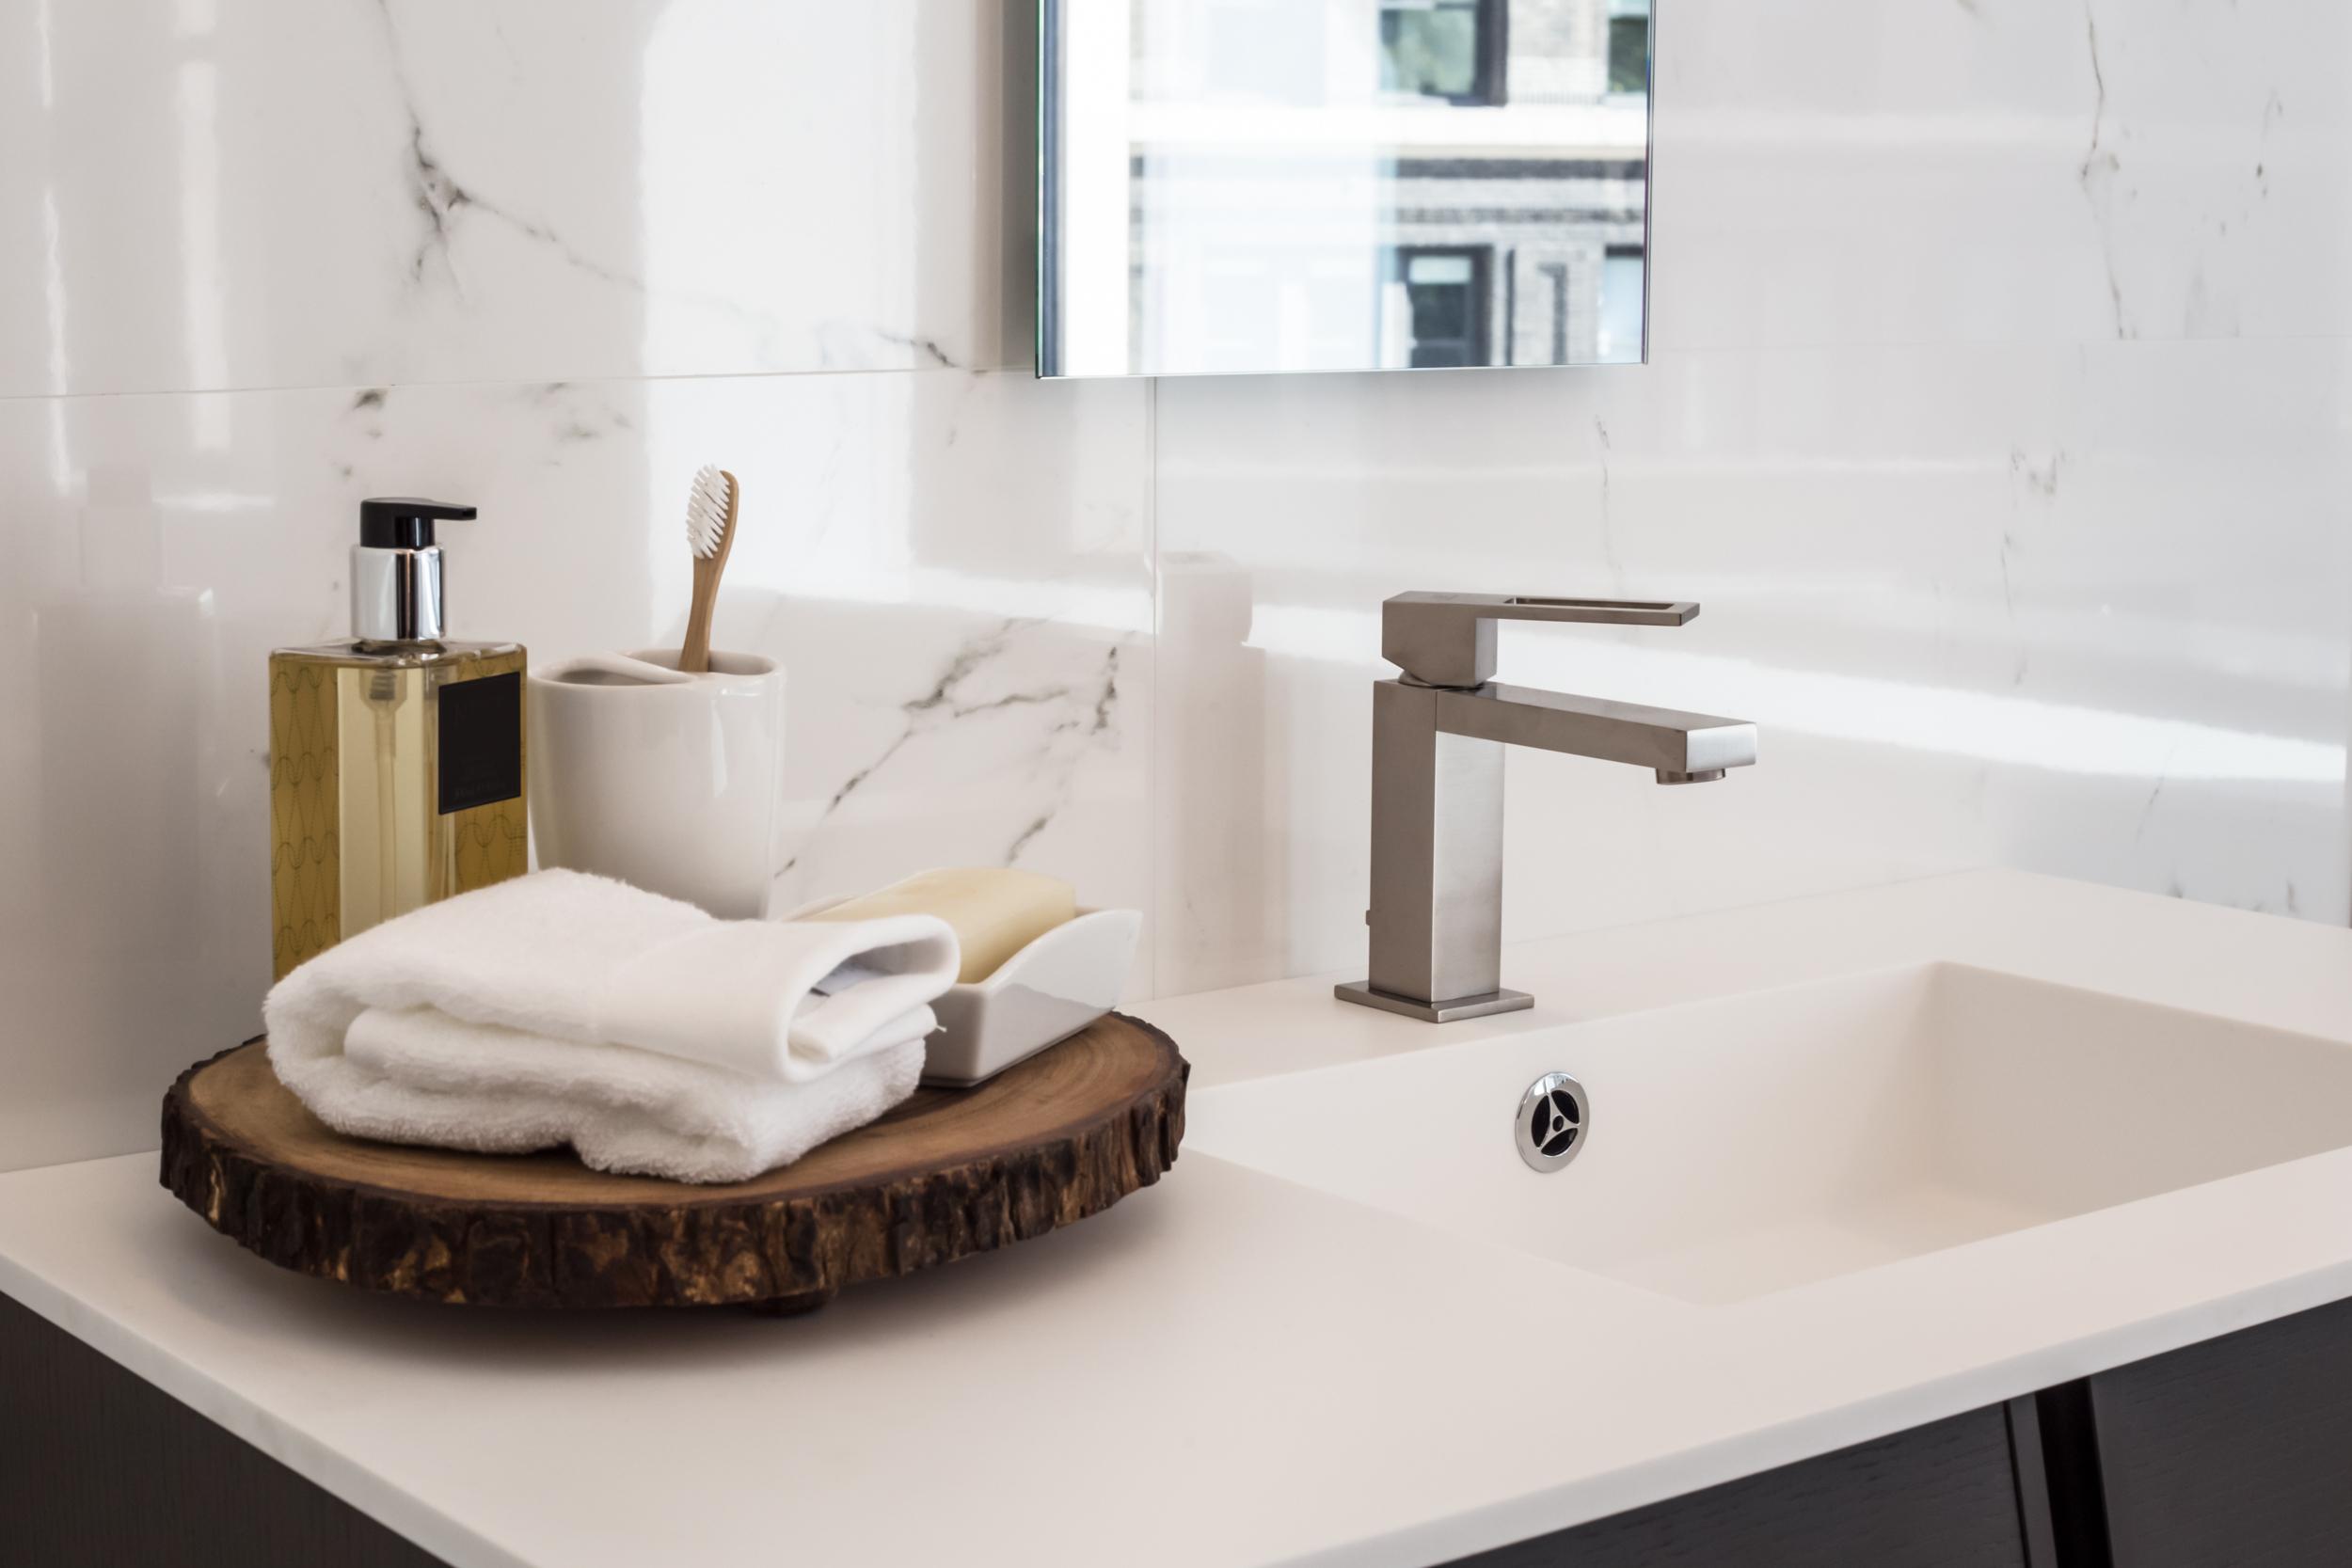 abbastanza Nuove idee e consigli per progettare e arredare un bagno piccolo  CR38